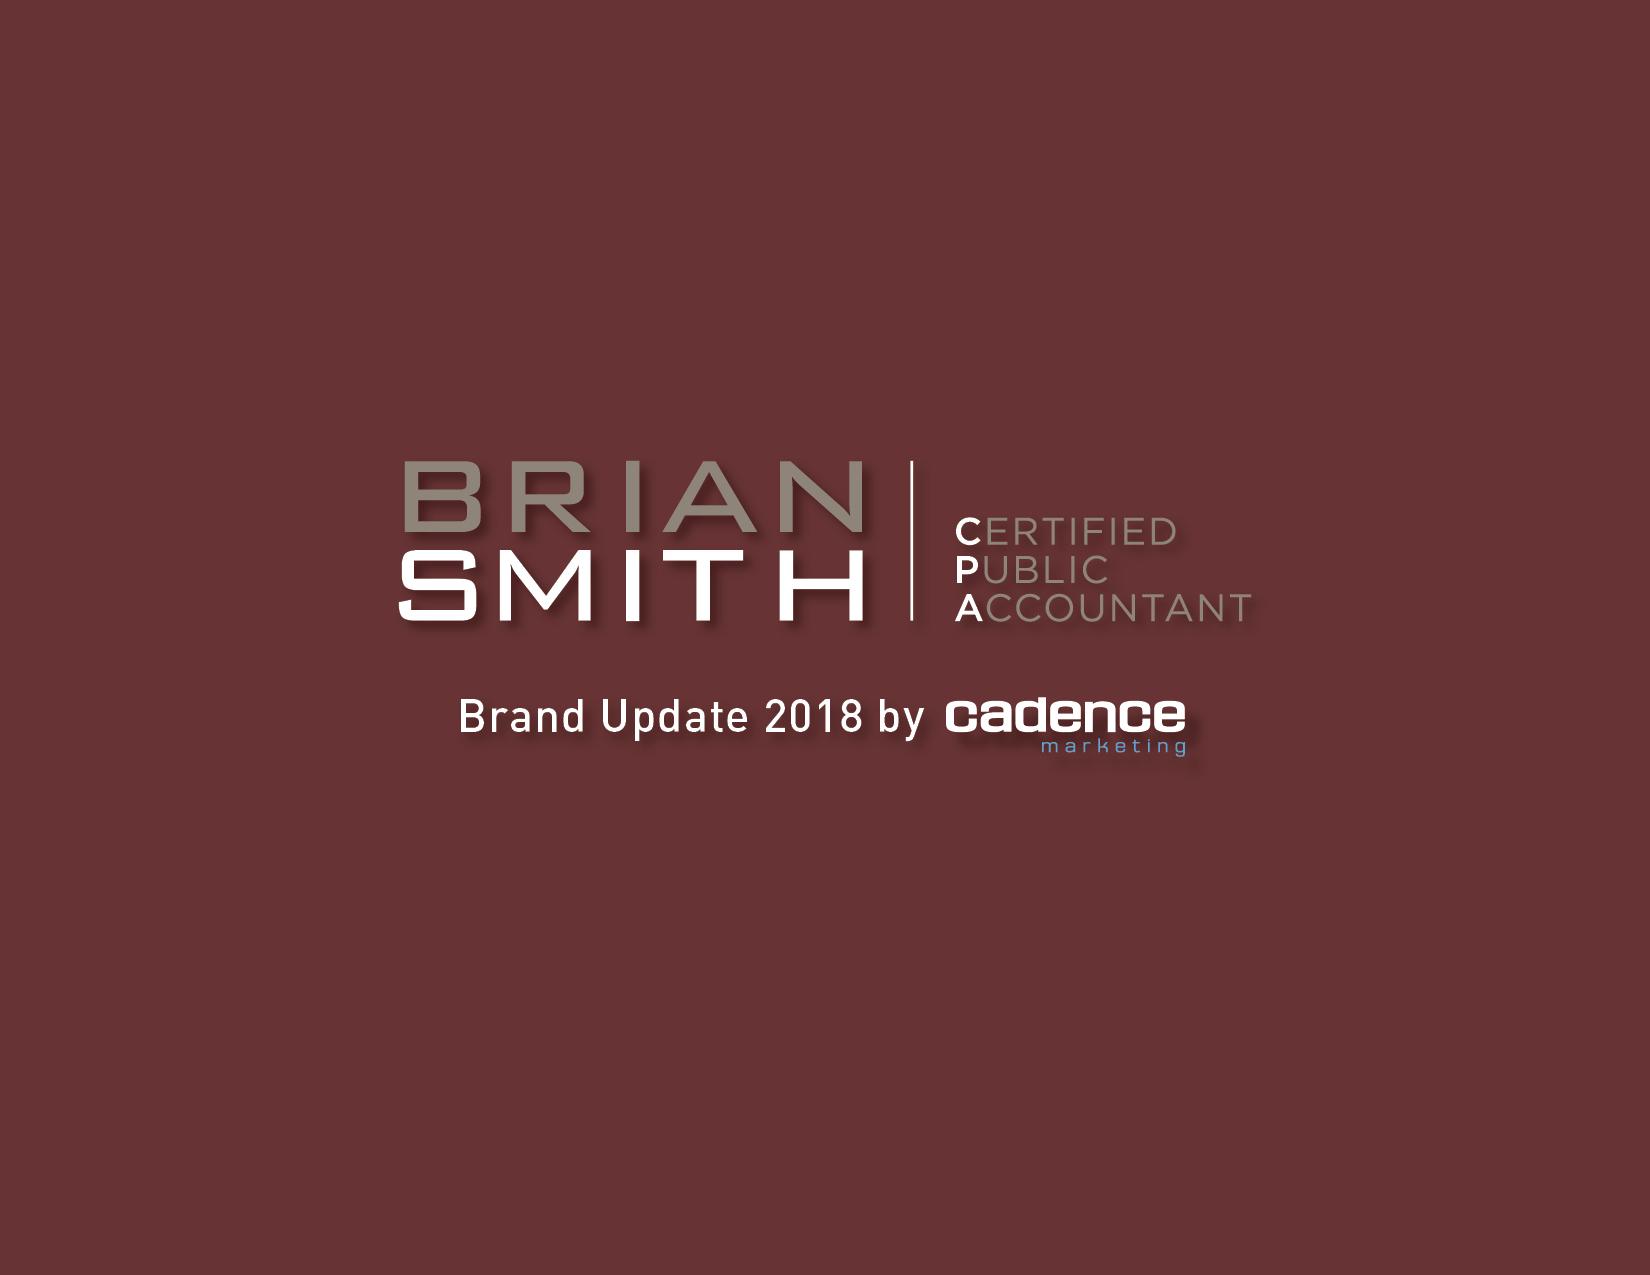 BrianSmith portfolio.jpg